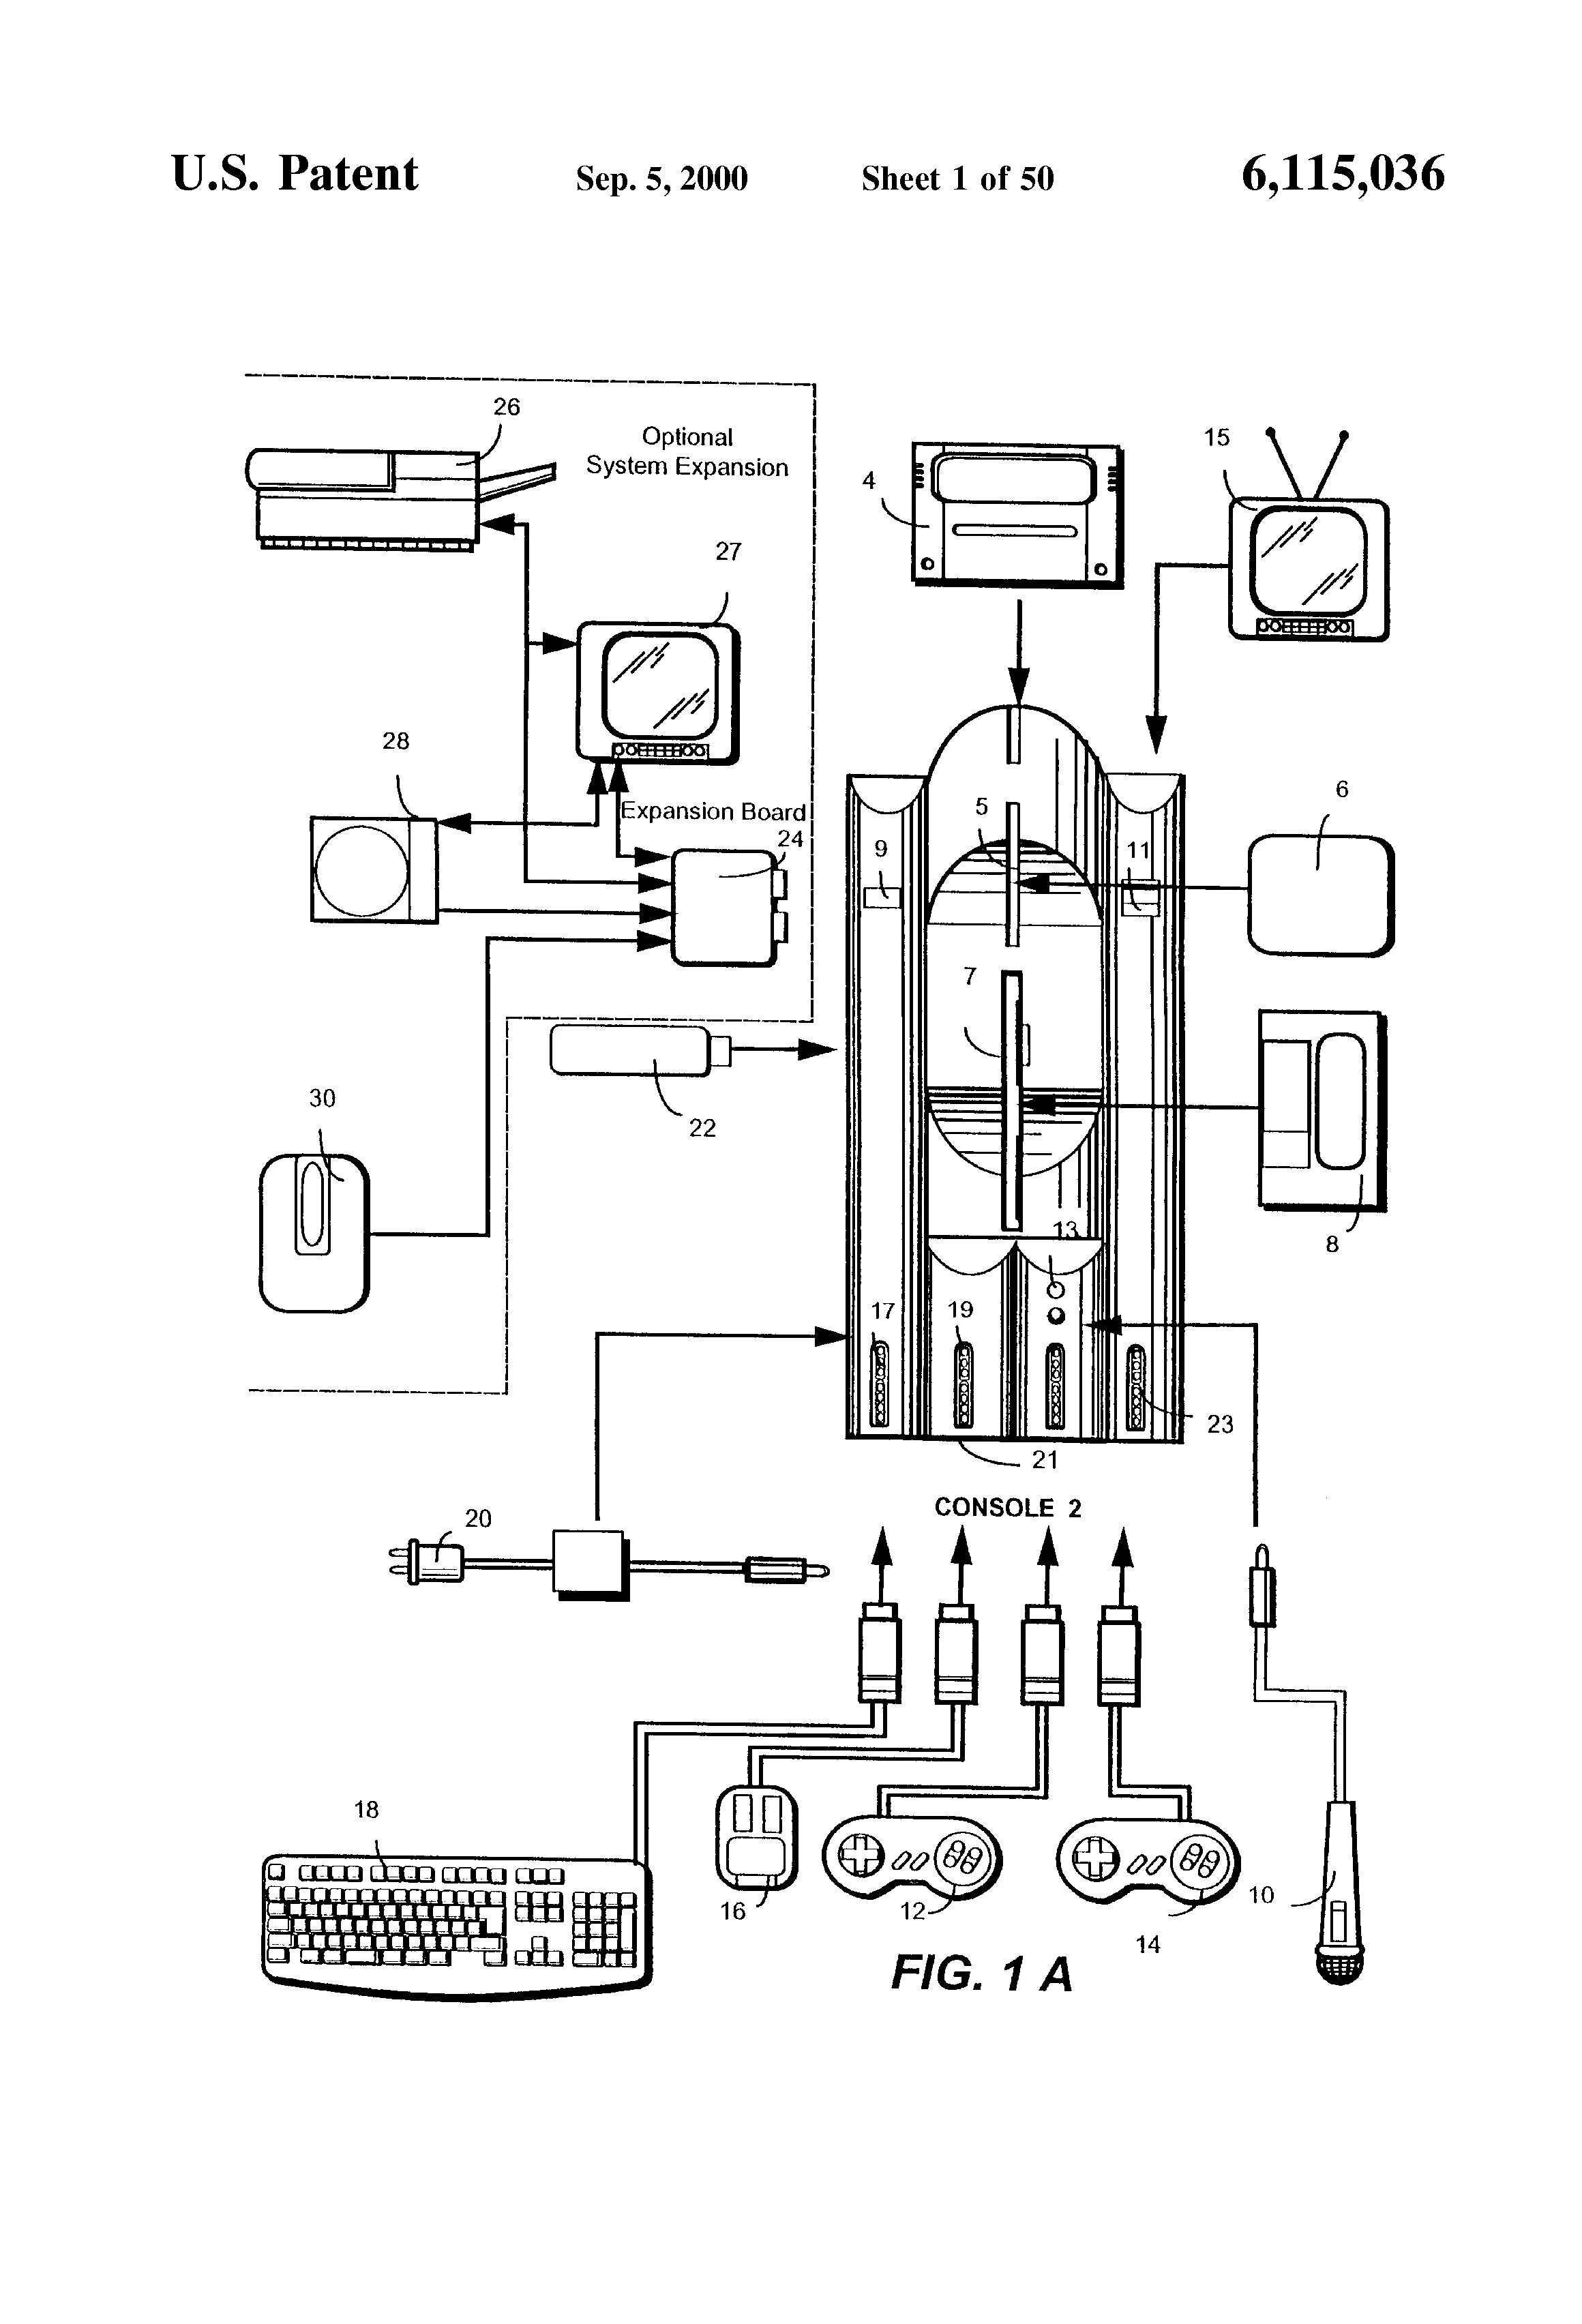 audio jack cat5 diagram